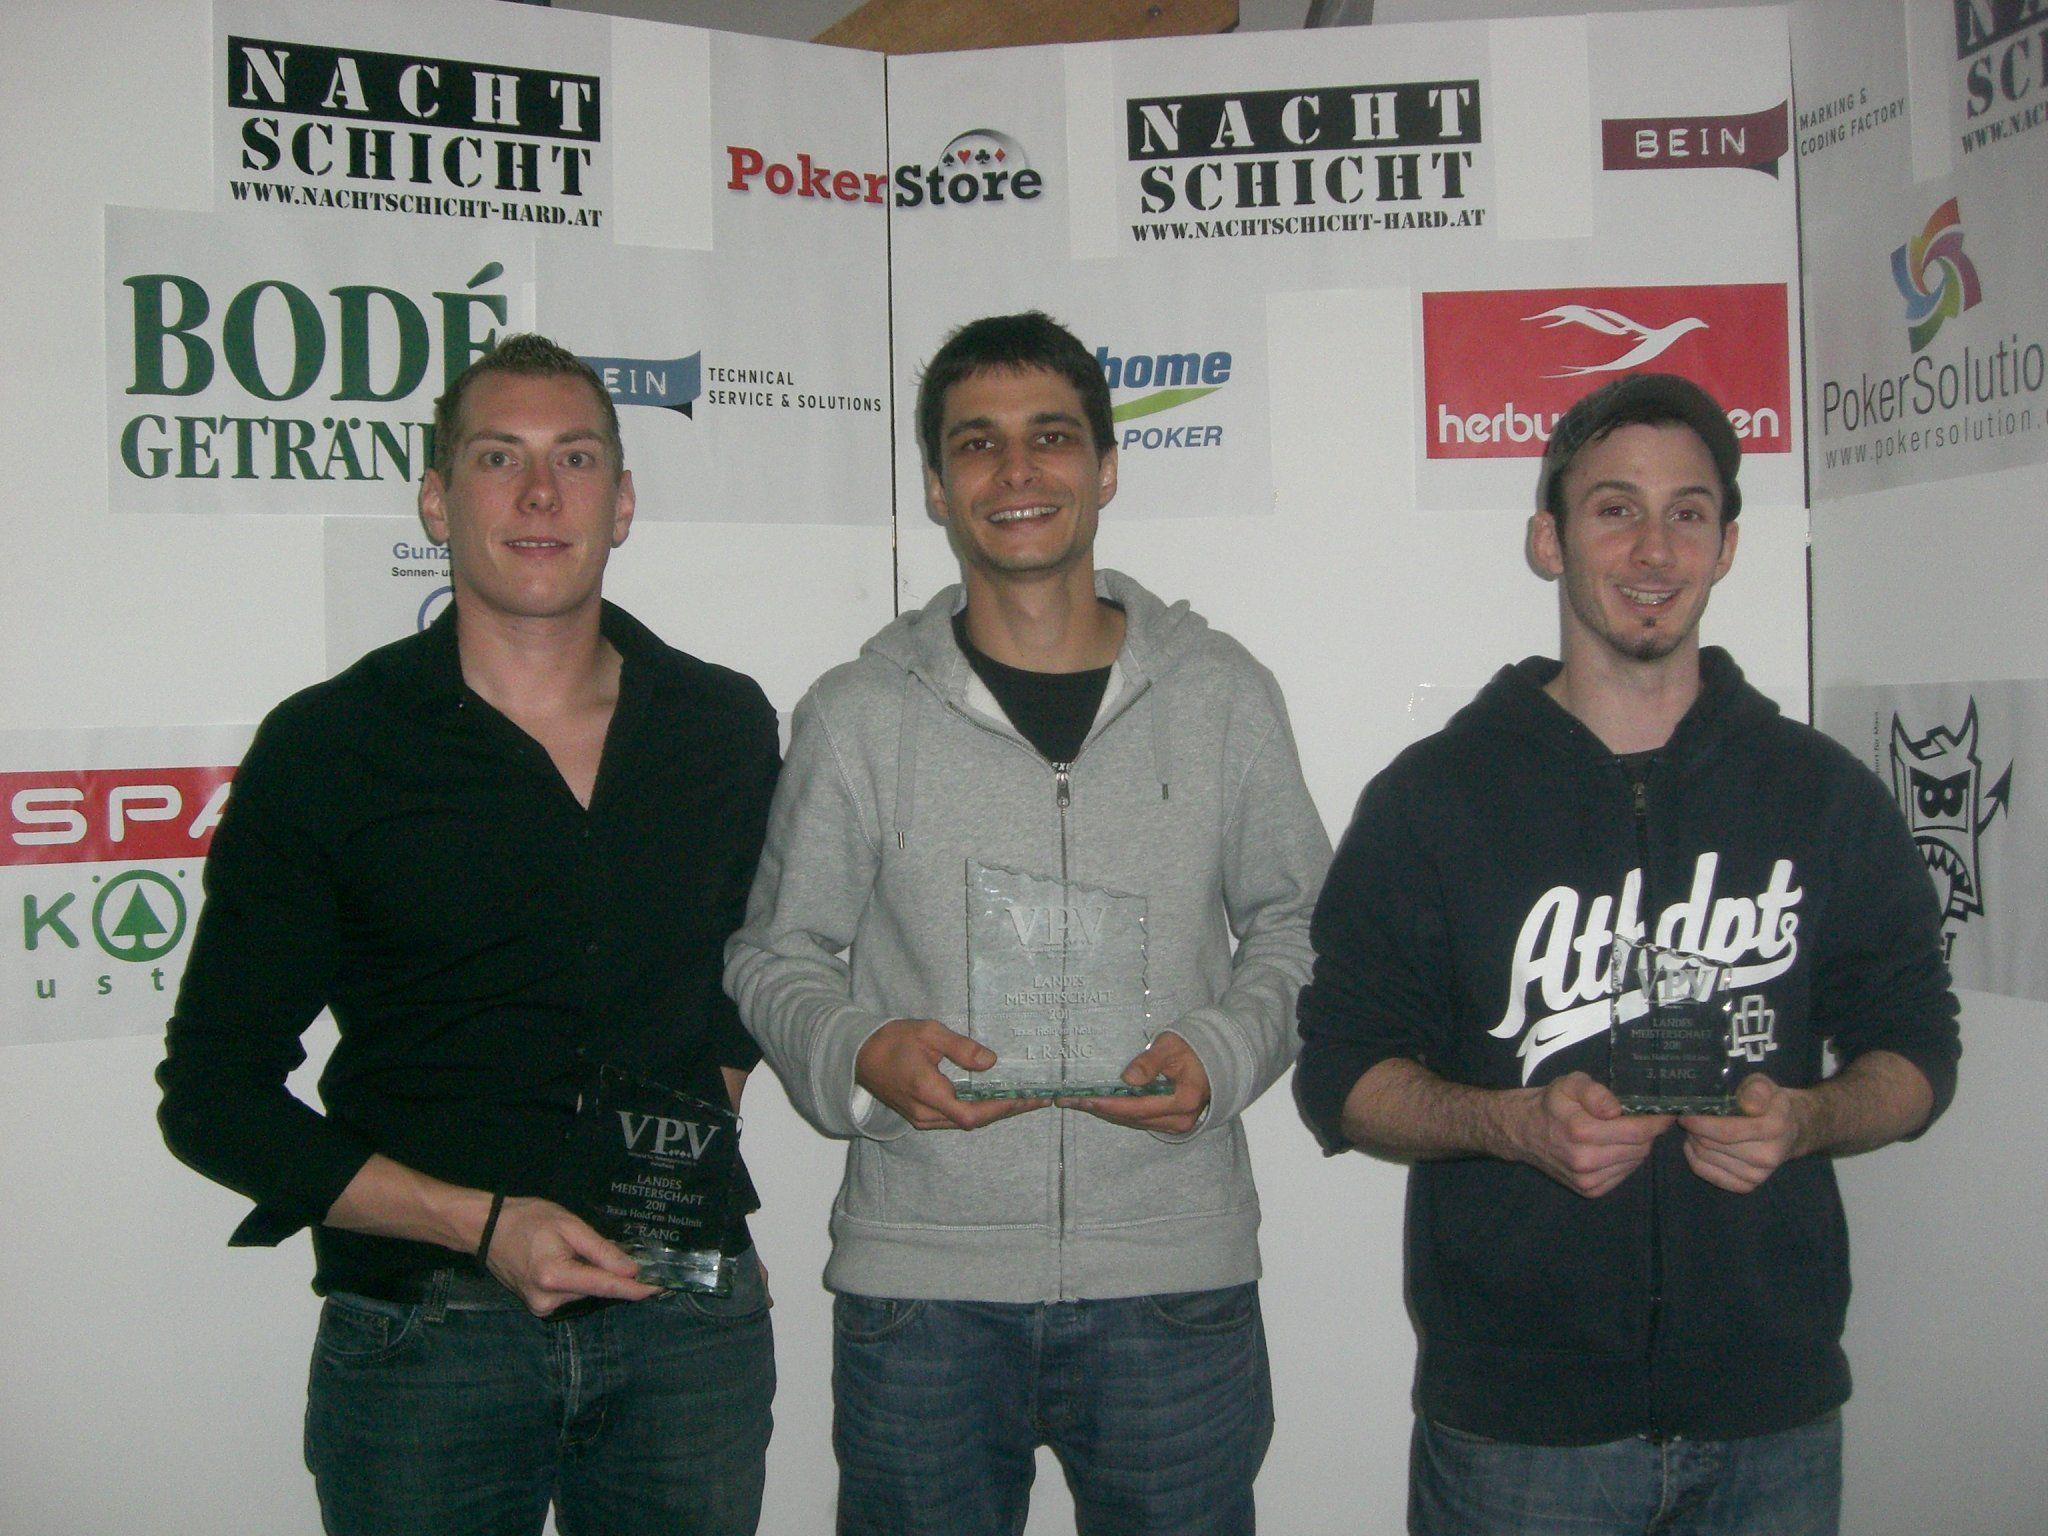 Das Siegerbild v.l.n.r.: Manuel Gohm, Peter Pfeifer und Marc Domig.